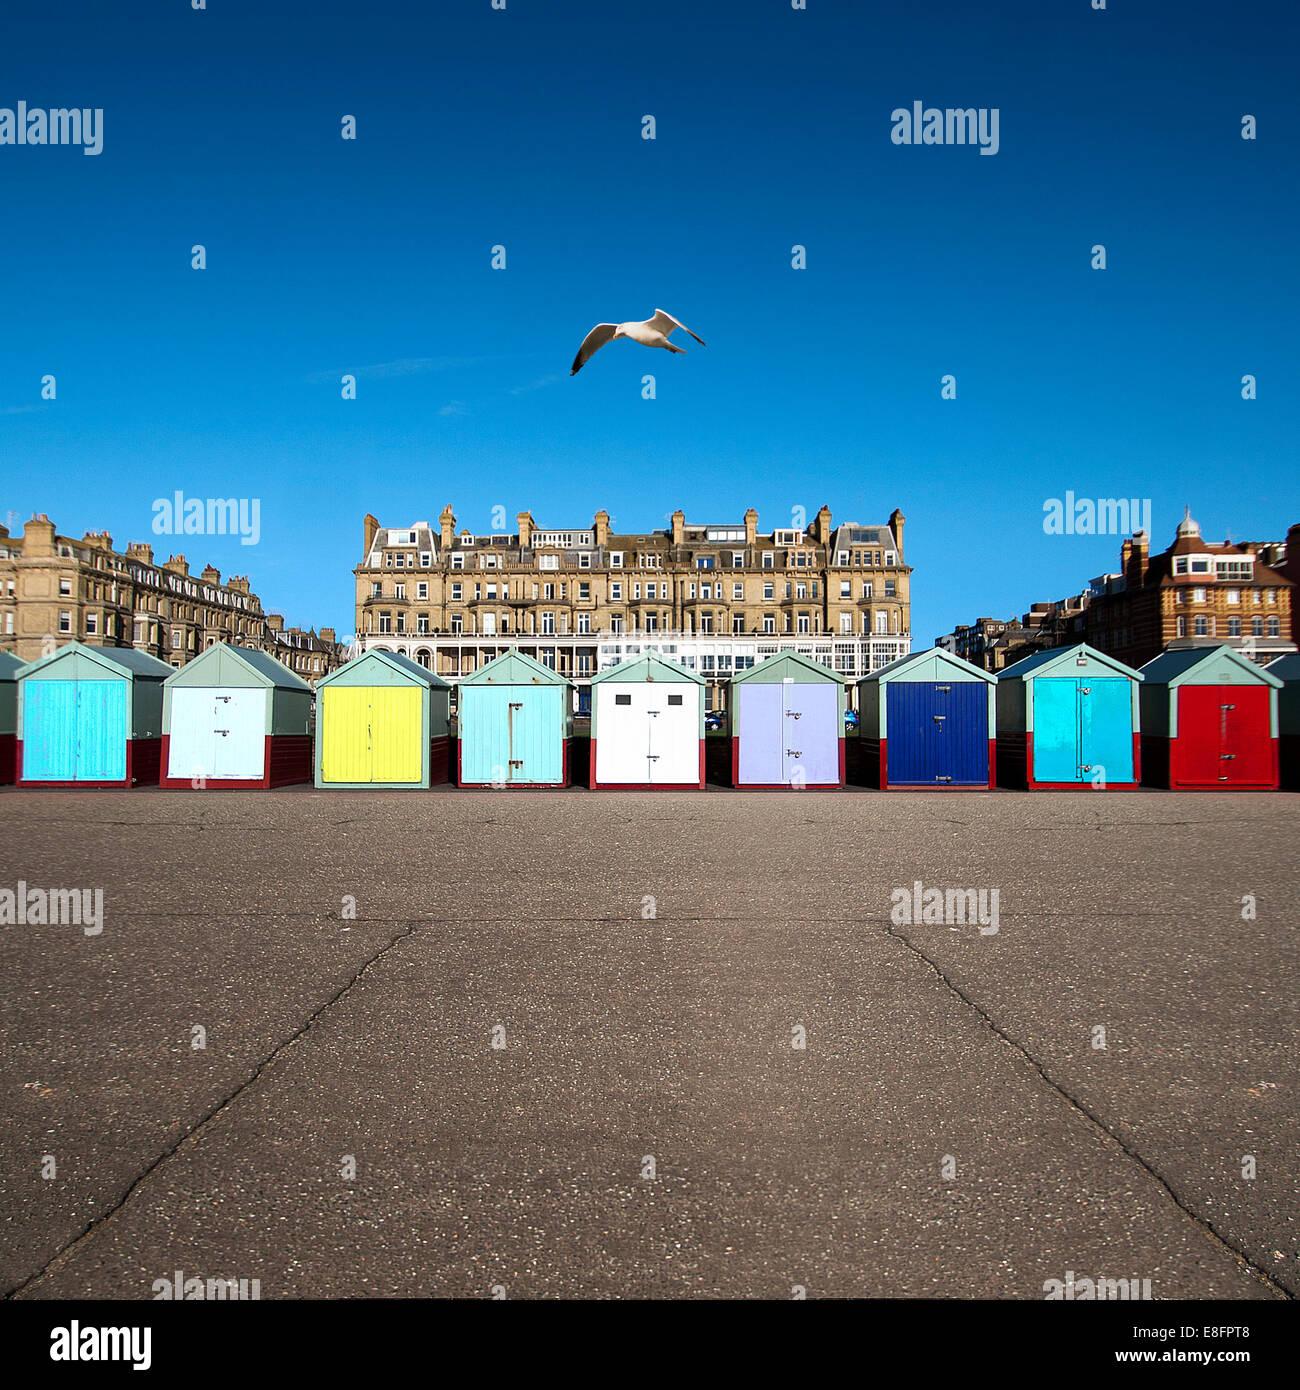 Fila multicolor de cabañas de playa, Brighton, Inglaterra, Reino Unido. Imagen De Stock